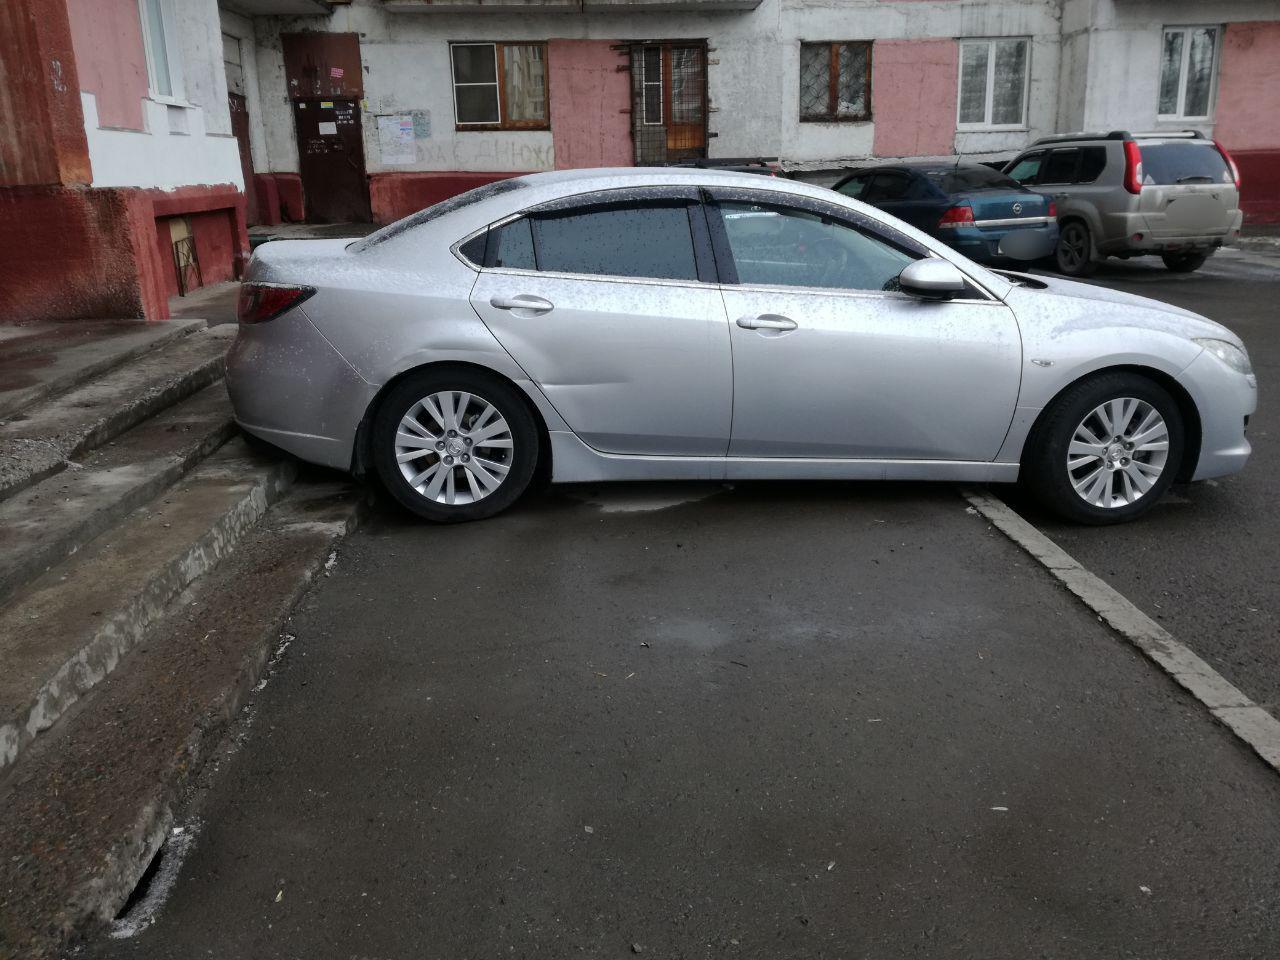 Припарковался почти в подъезде: кемеровчане заметили очень наглого автомобилиста